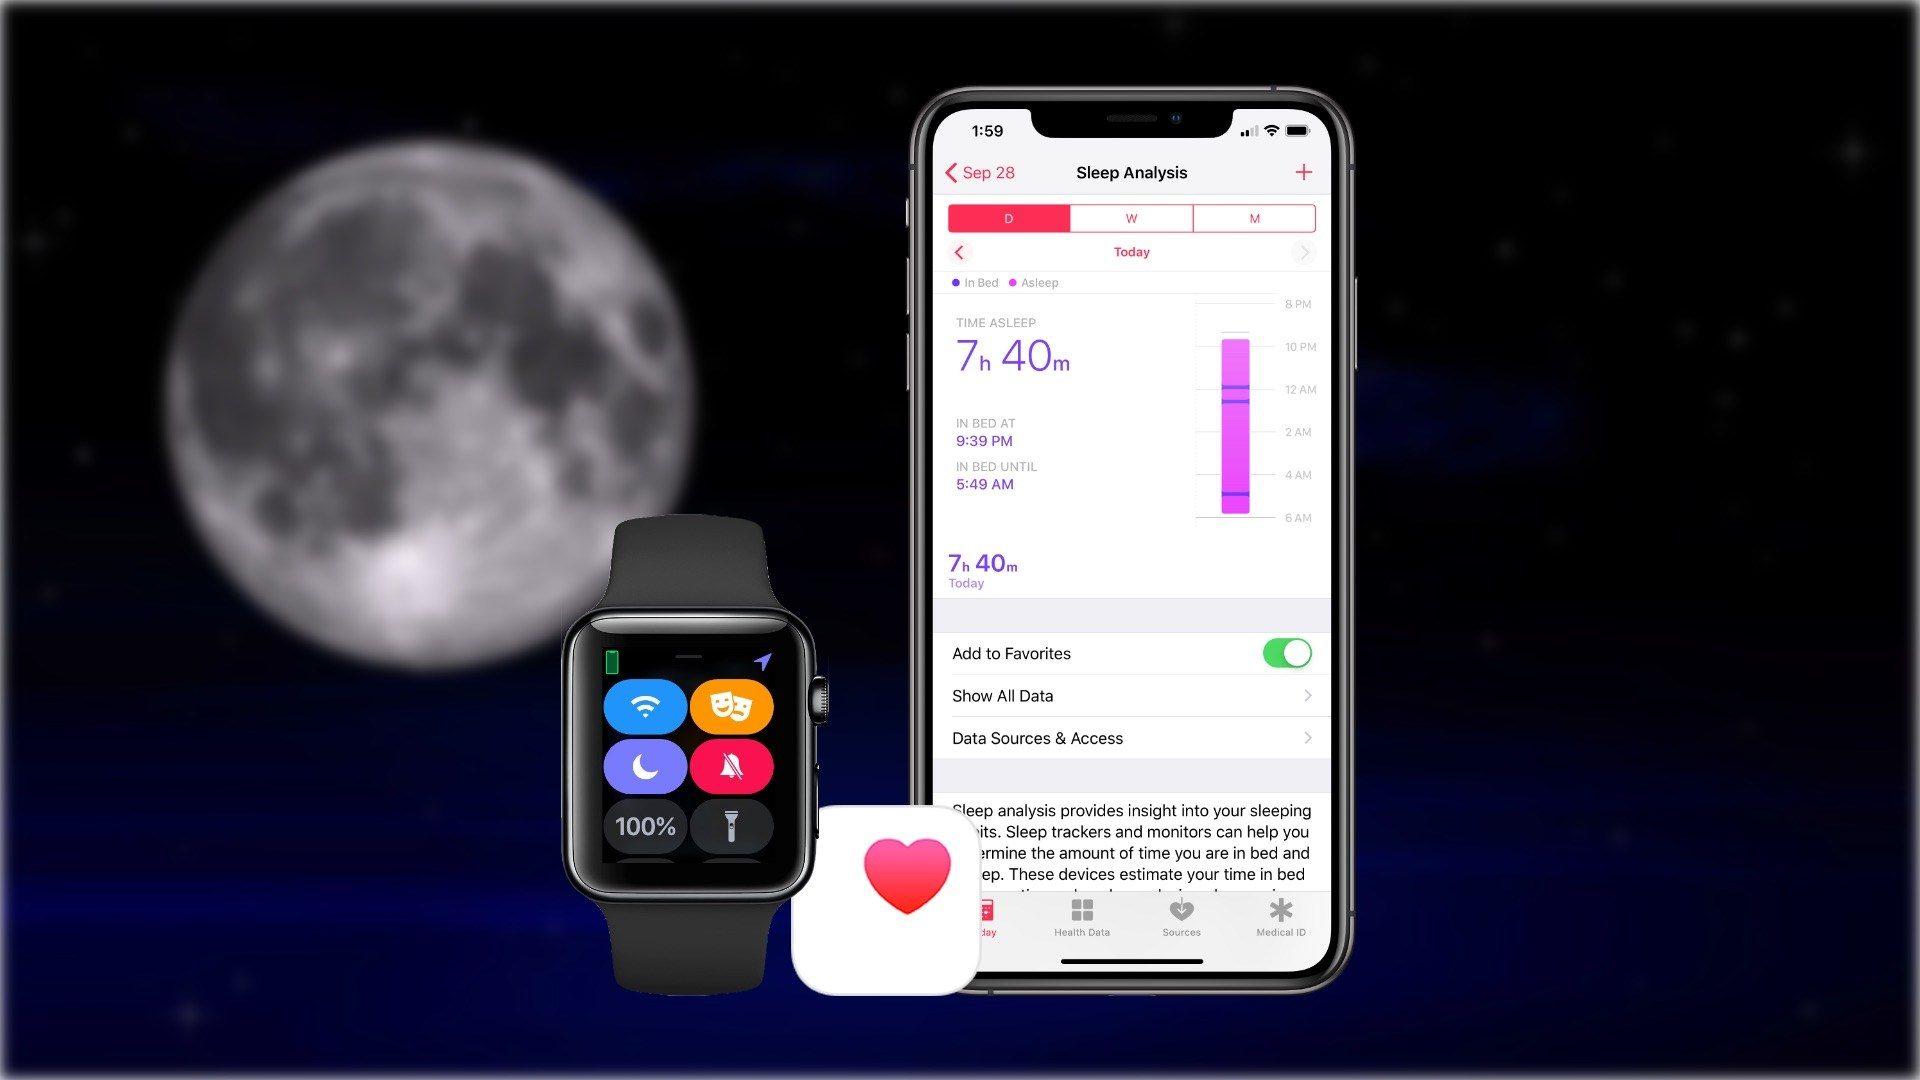 watchOS 6 features